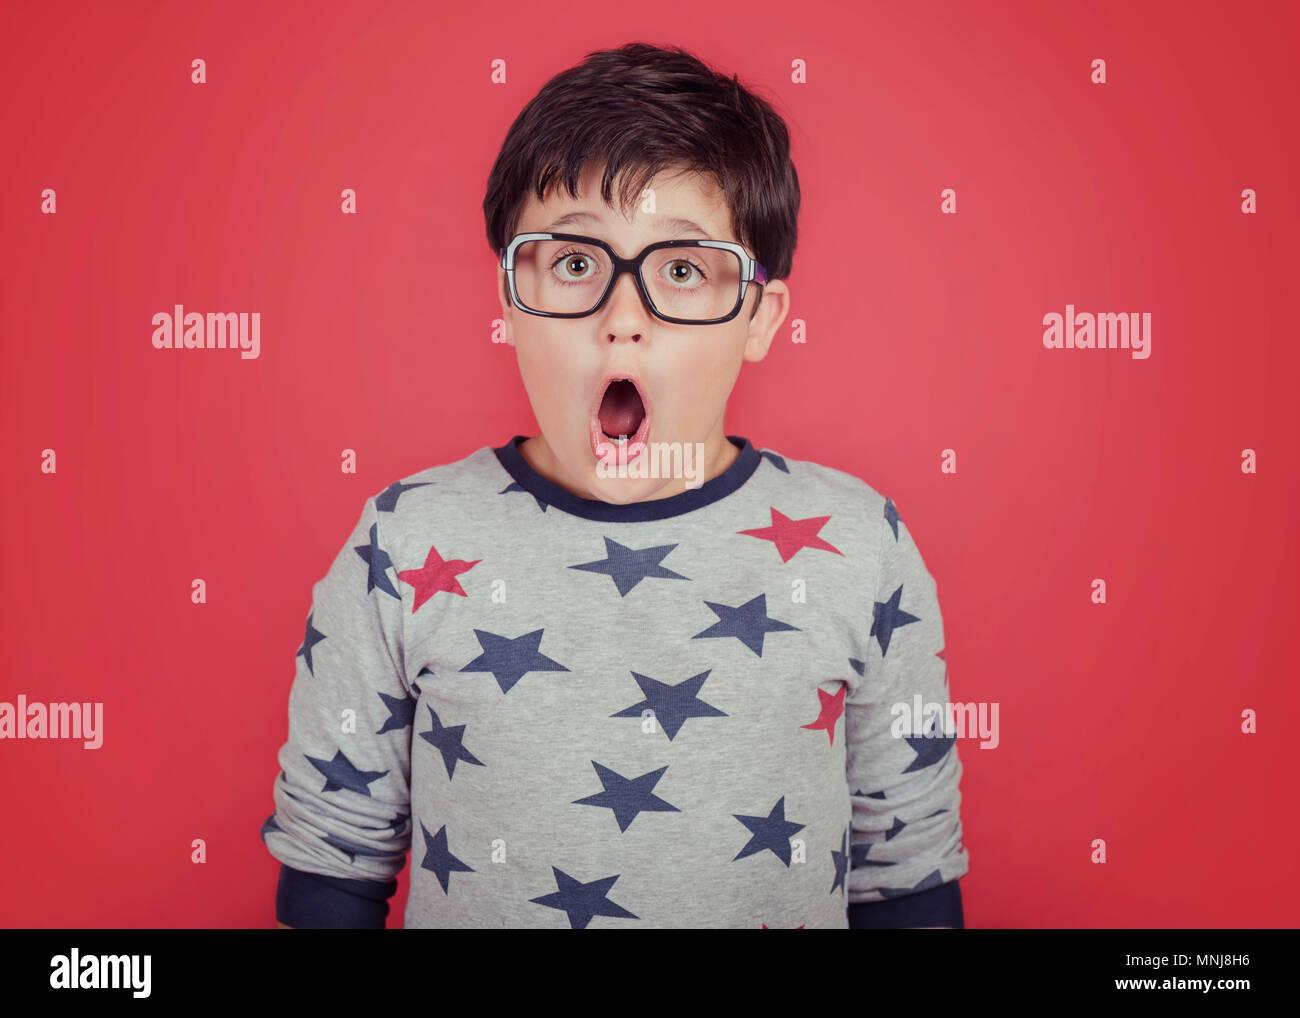 Surprise garçon avec des lunettes sur fond rouge Photo Stock